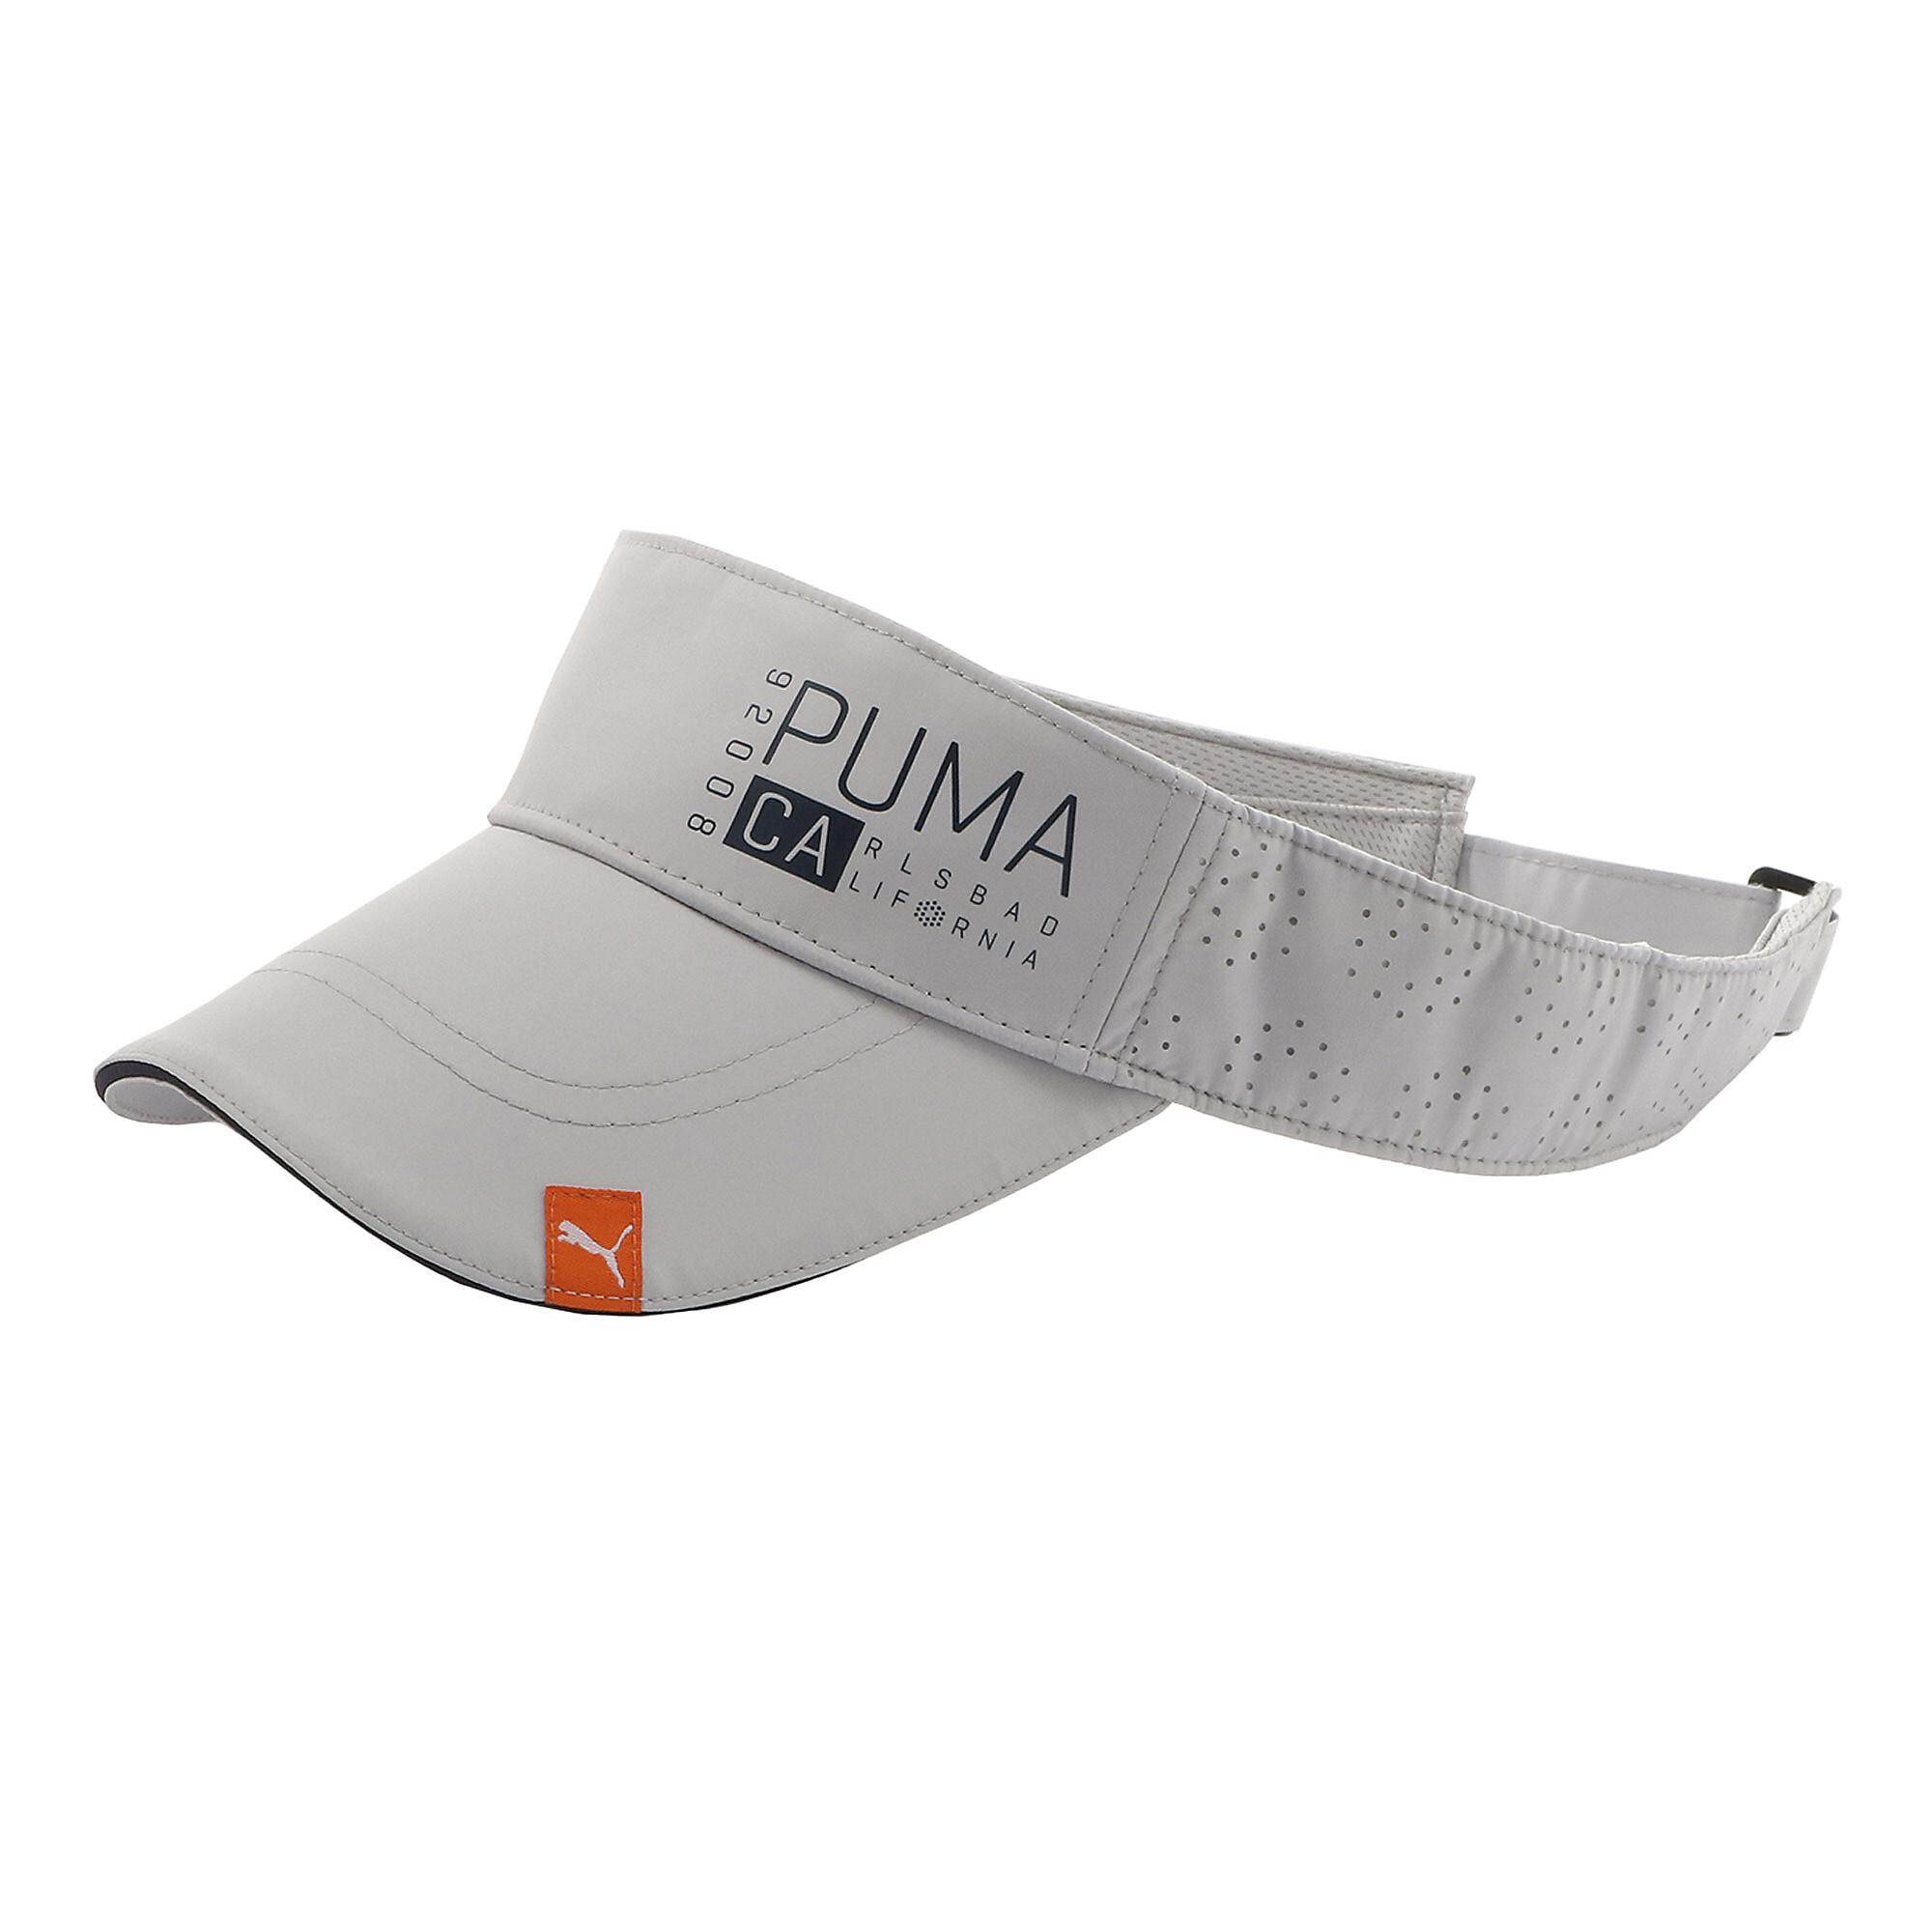 【プーマ公式通販】 プーマ ゴルフ CA パンチング バイザー メンズ Quarry |PUMA.com